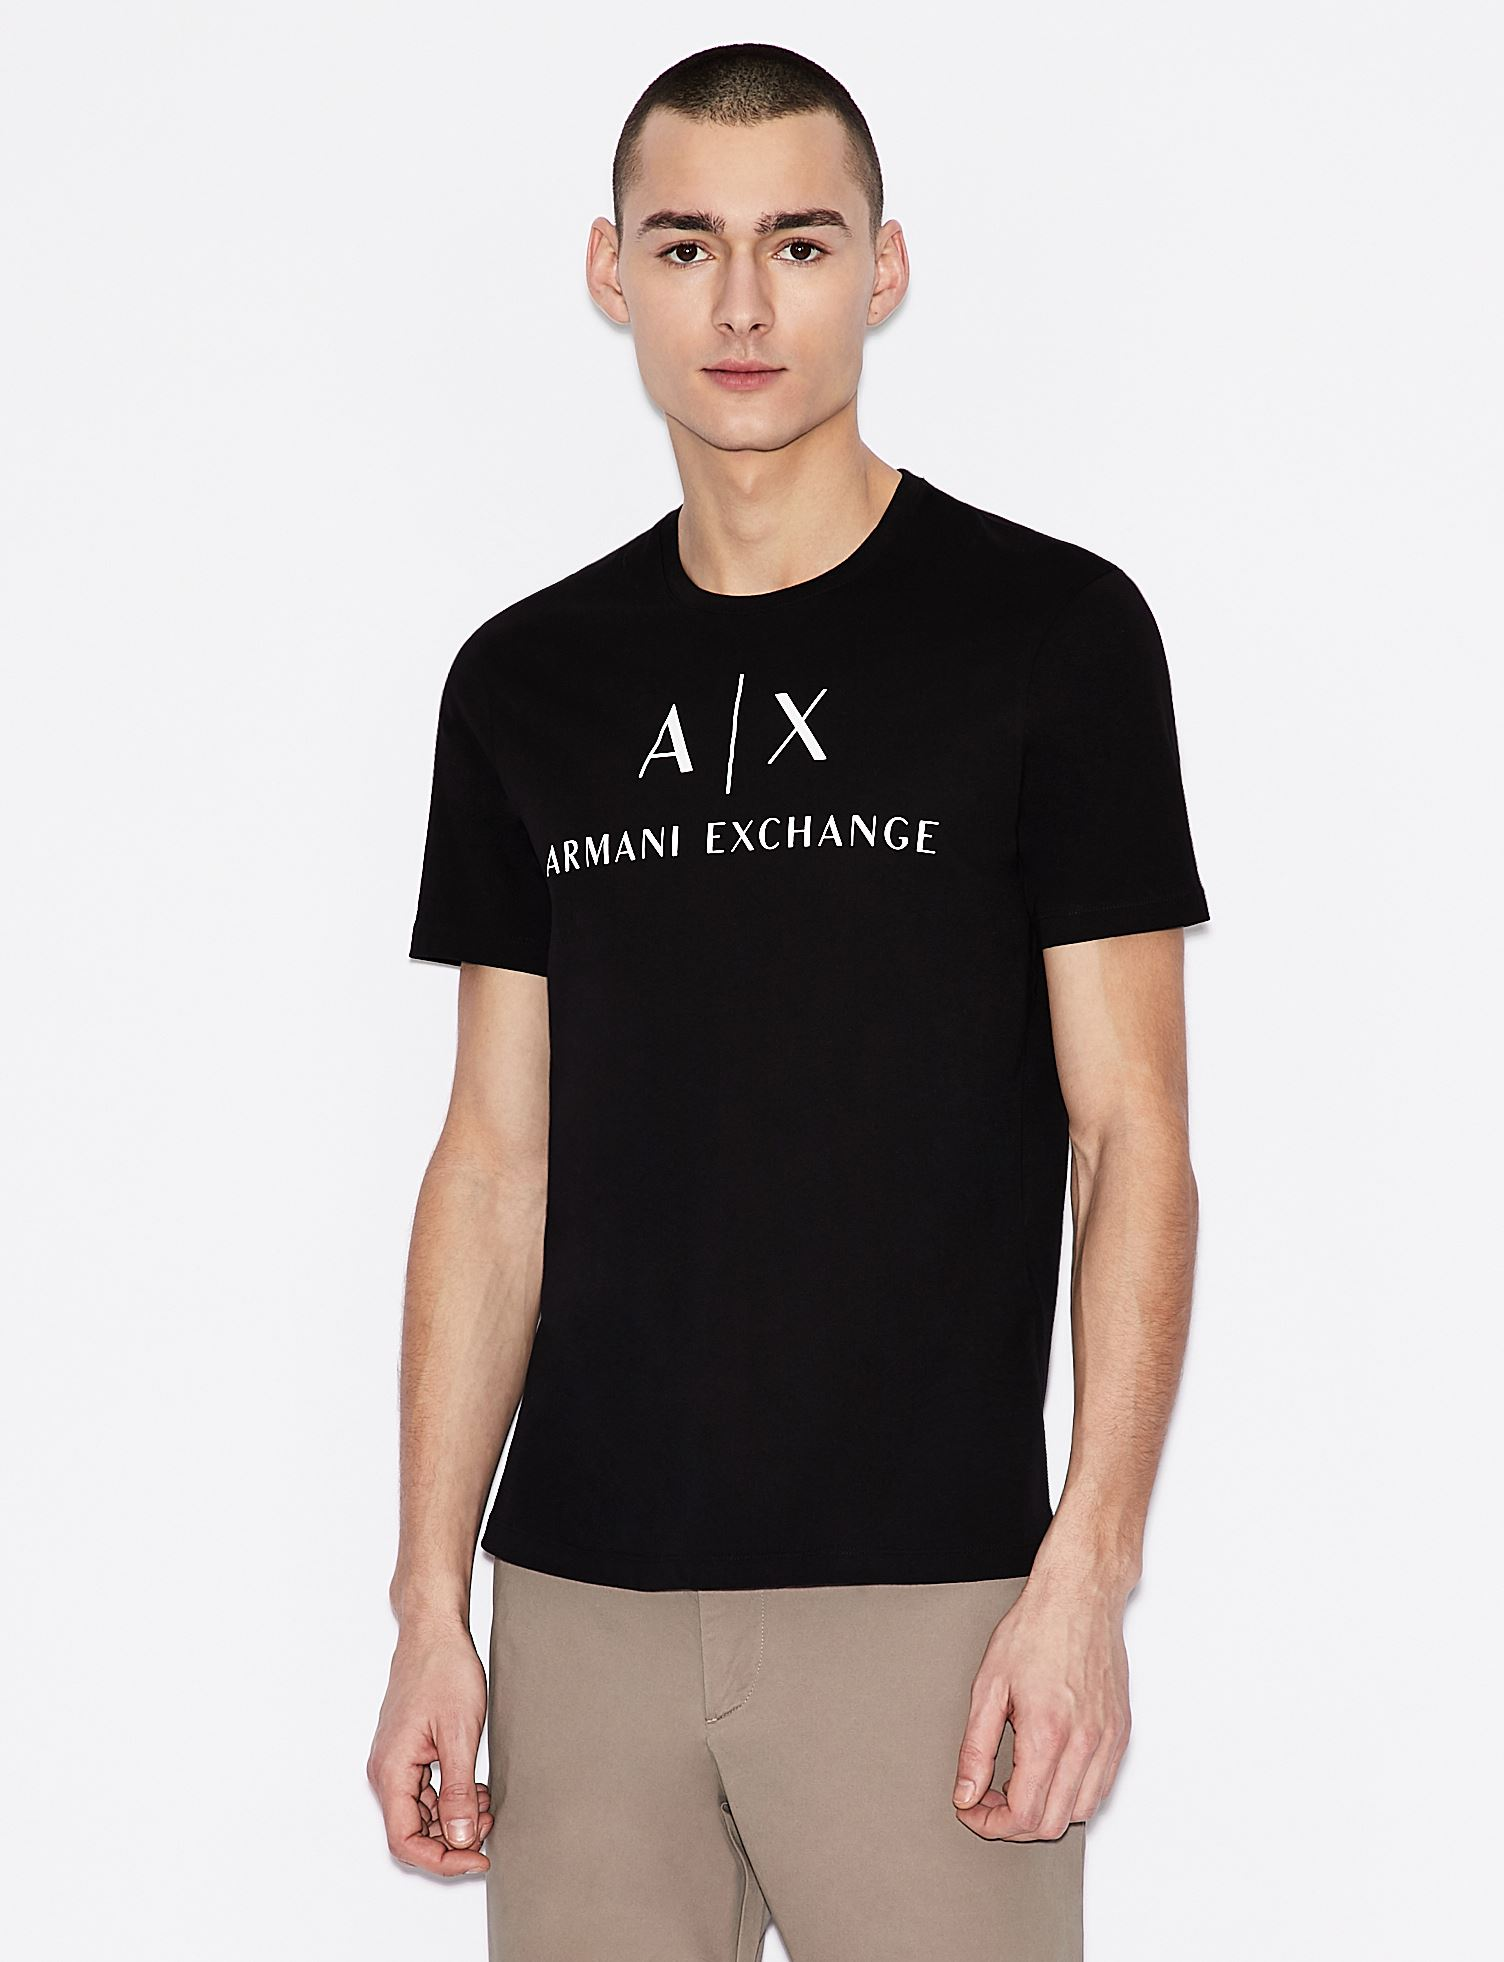 T-shirt slim fit Armani Exchange ARMANI EXCHANGE   T-shirt   8NZTCJ-Z8H4Z1200